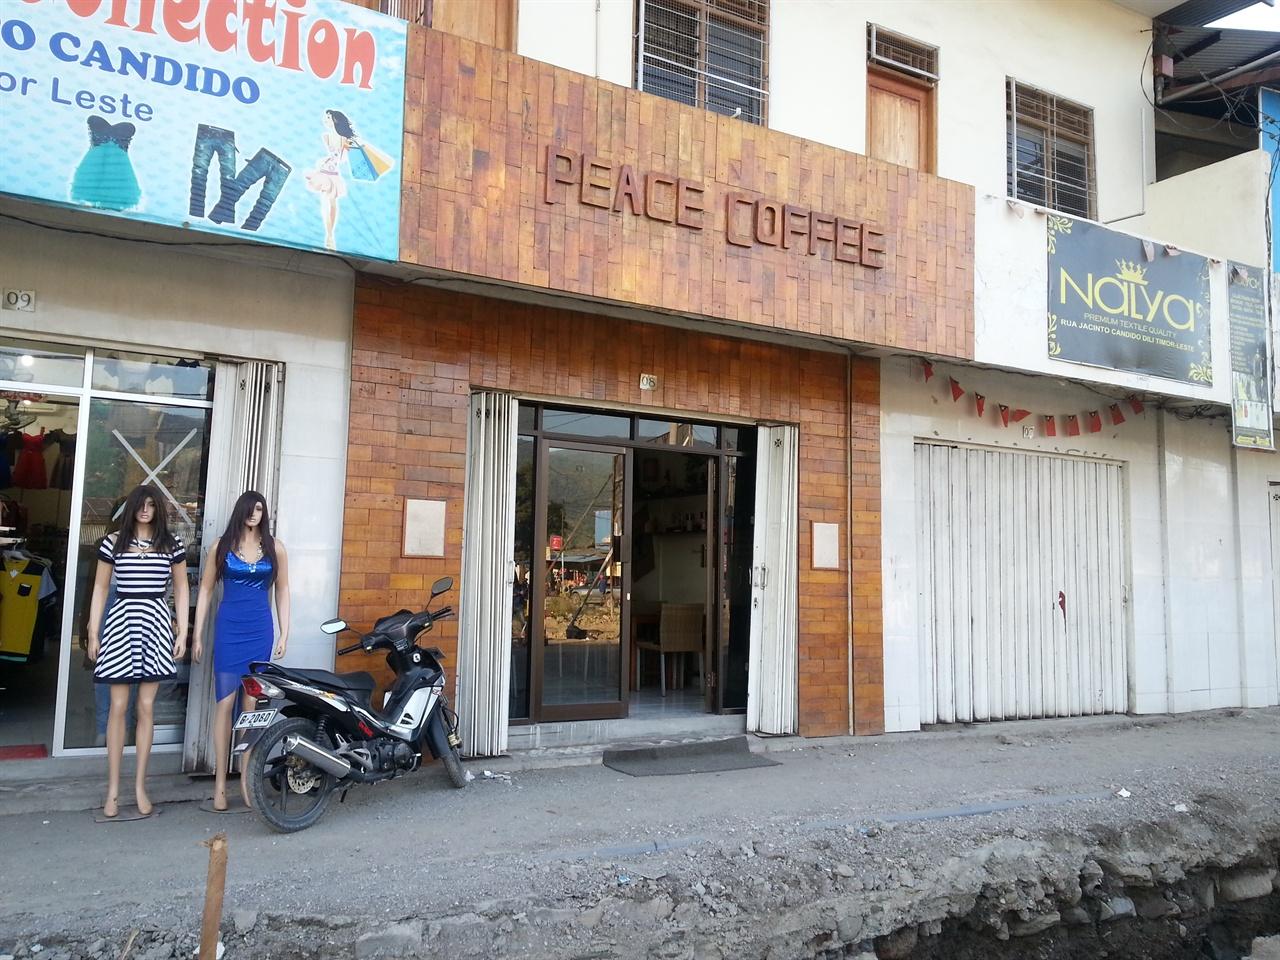 딜리 피스커피 카페 딜리 가공공장에서 가공한 그린 빈을 로스팅해 현지주민들에게 커피를 파는 동티모르 피스커피 카페